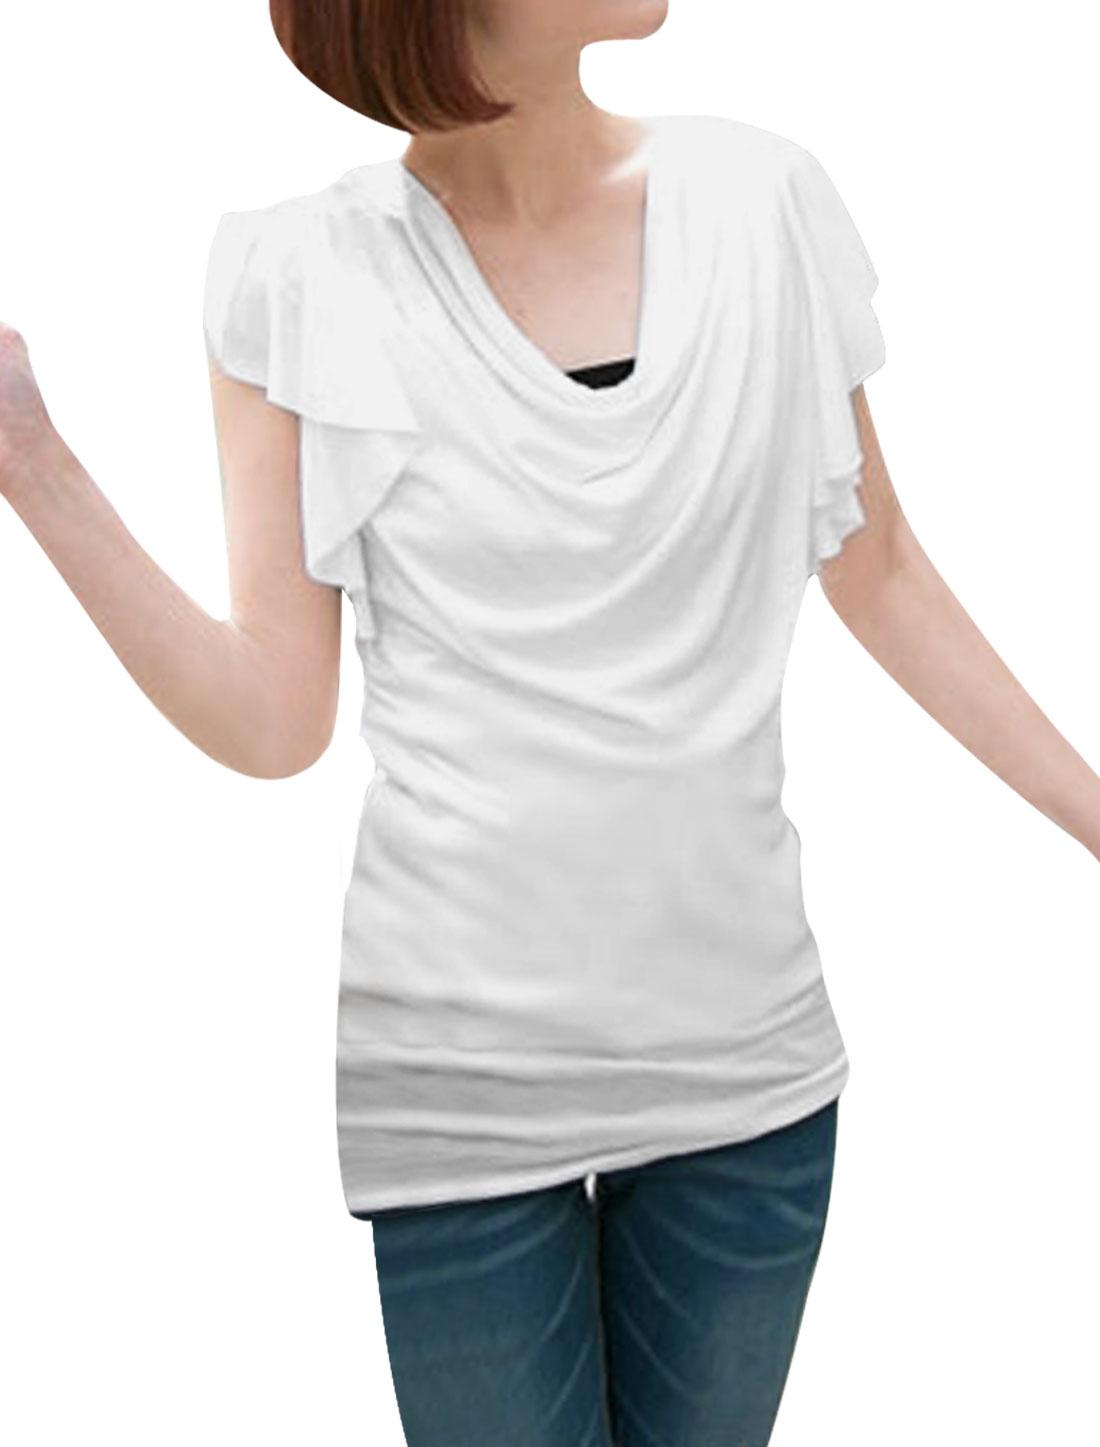 Lady Stylish Cowl Neck Ruffled Sleeve Design Pure White Summer Shirt XS